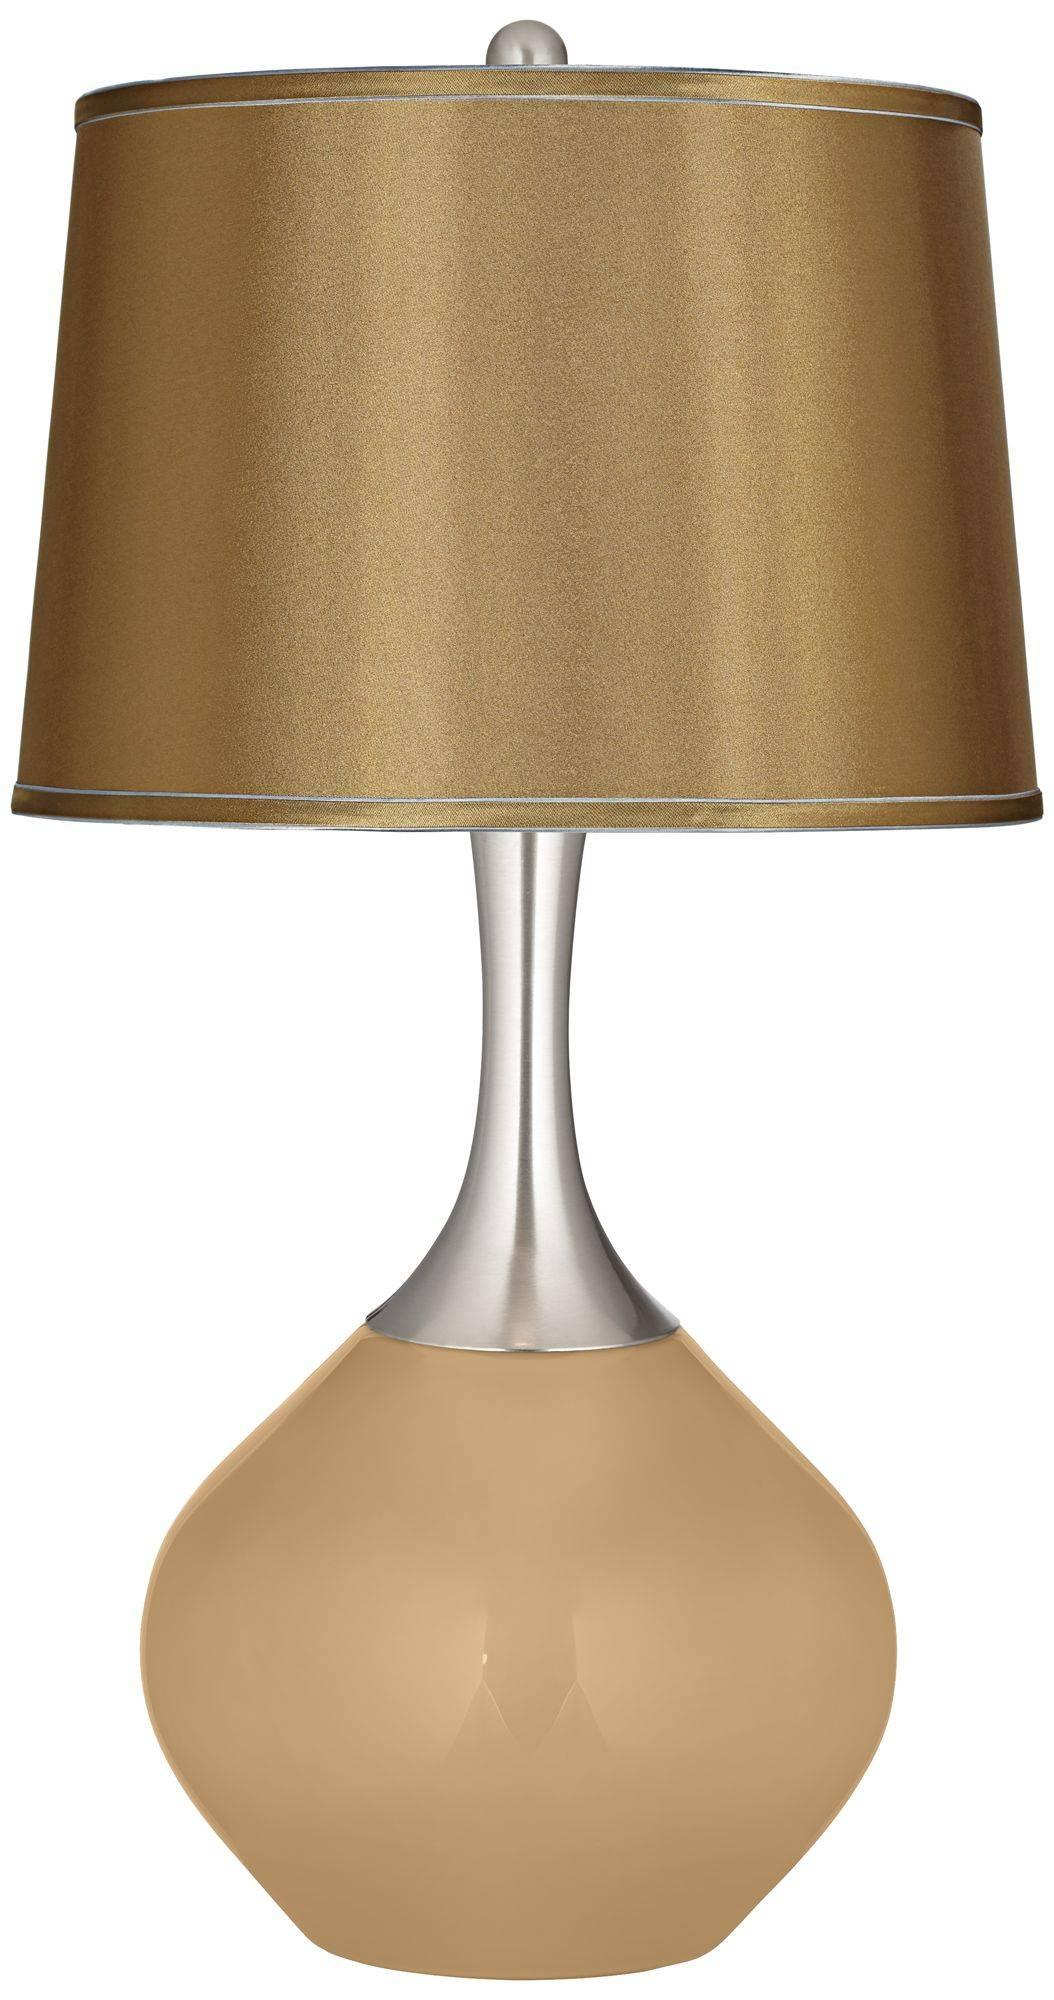 Buy Produzione Privata Acquatinta Pendant Light - Cheap Lighting within Acquatinta Pendant Lights (Image 8 of 15)